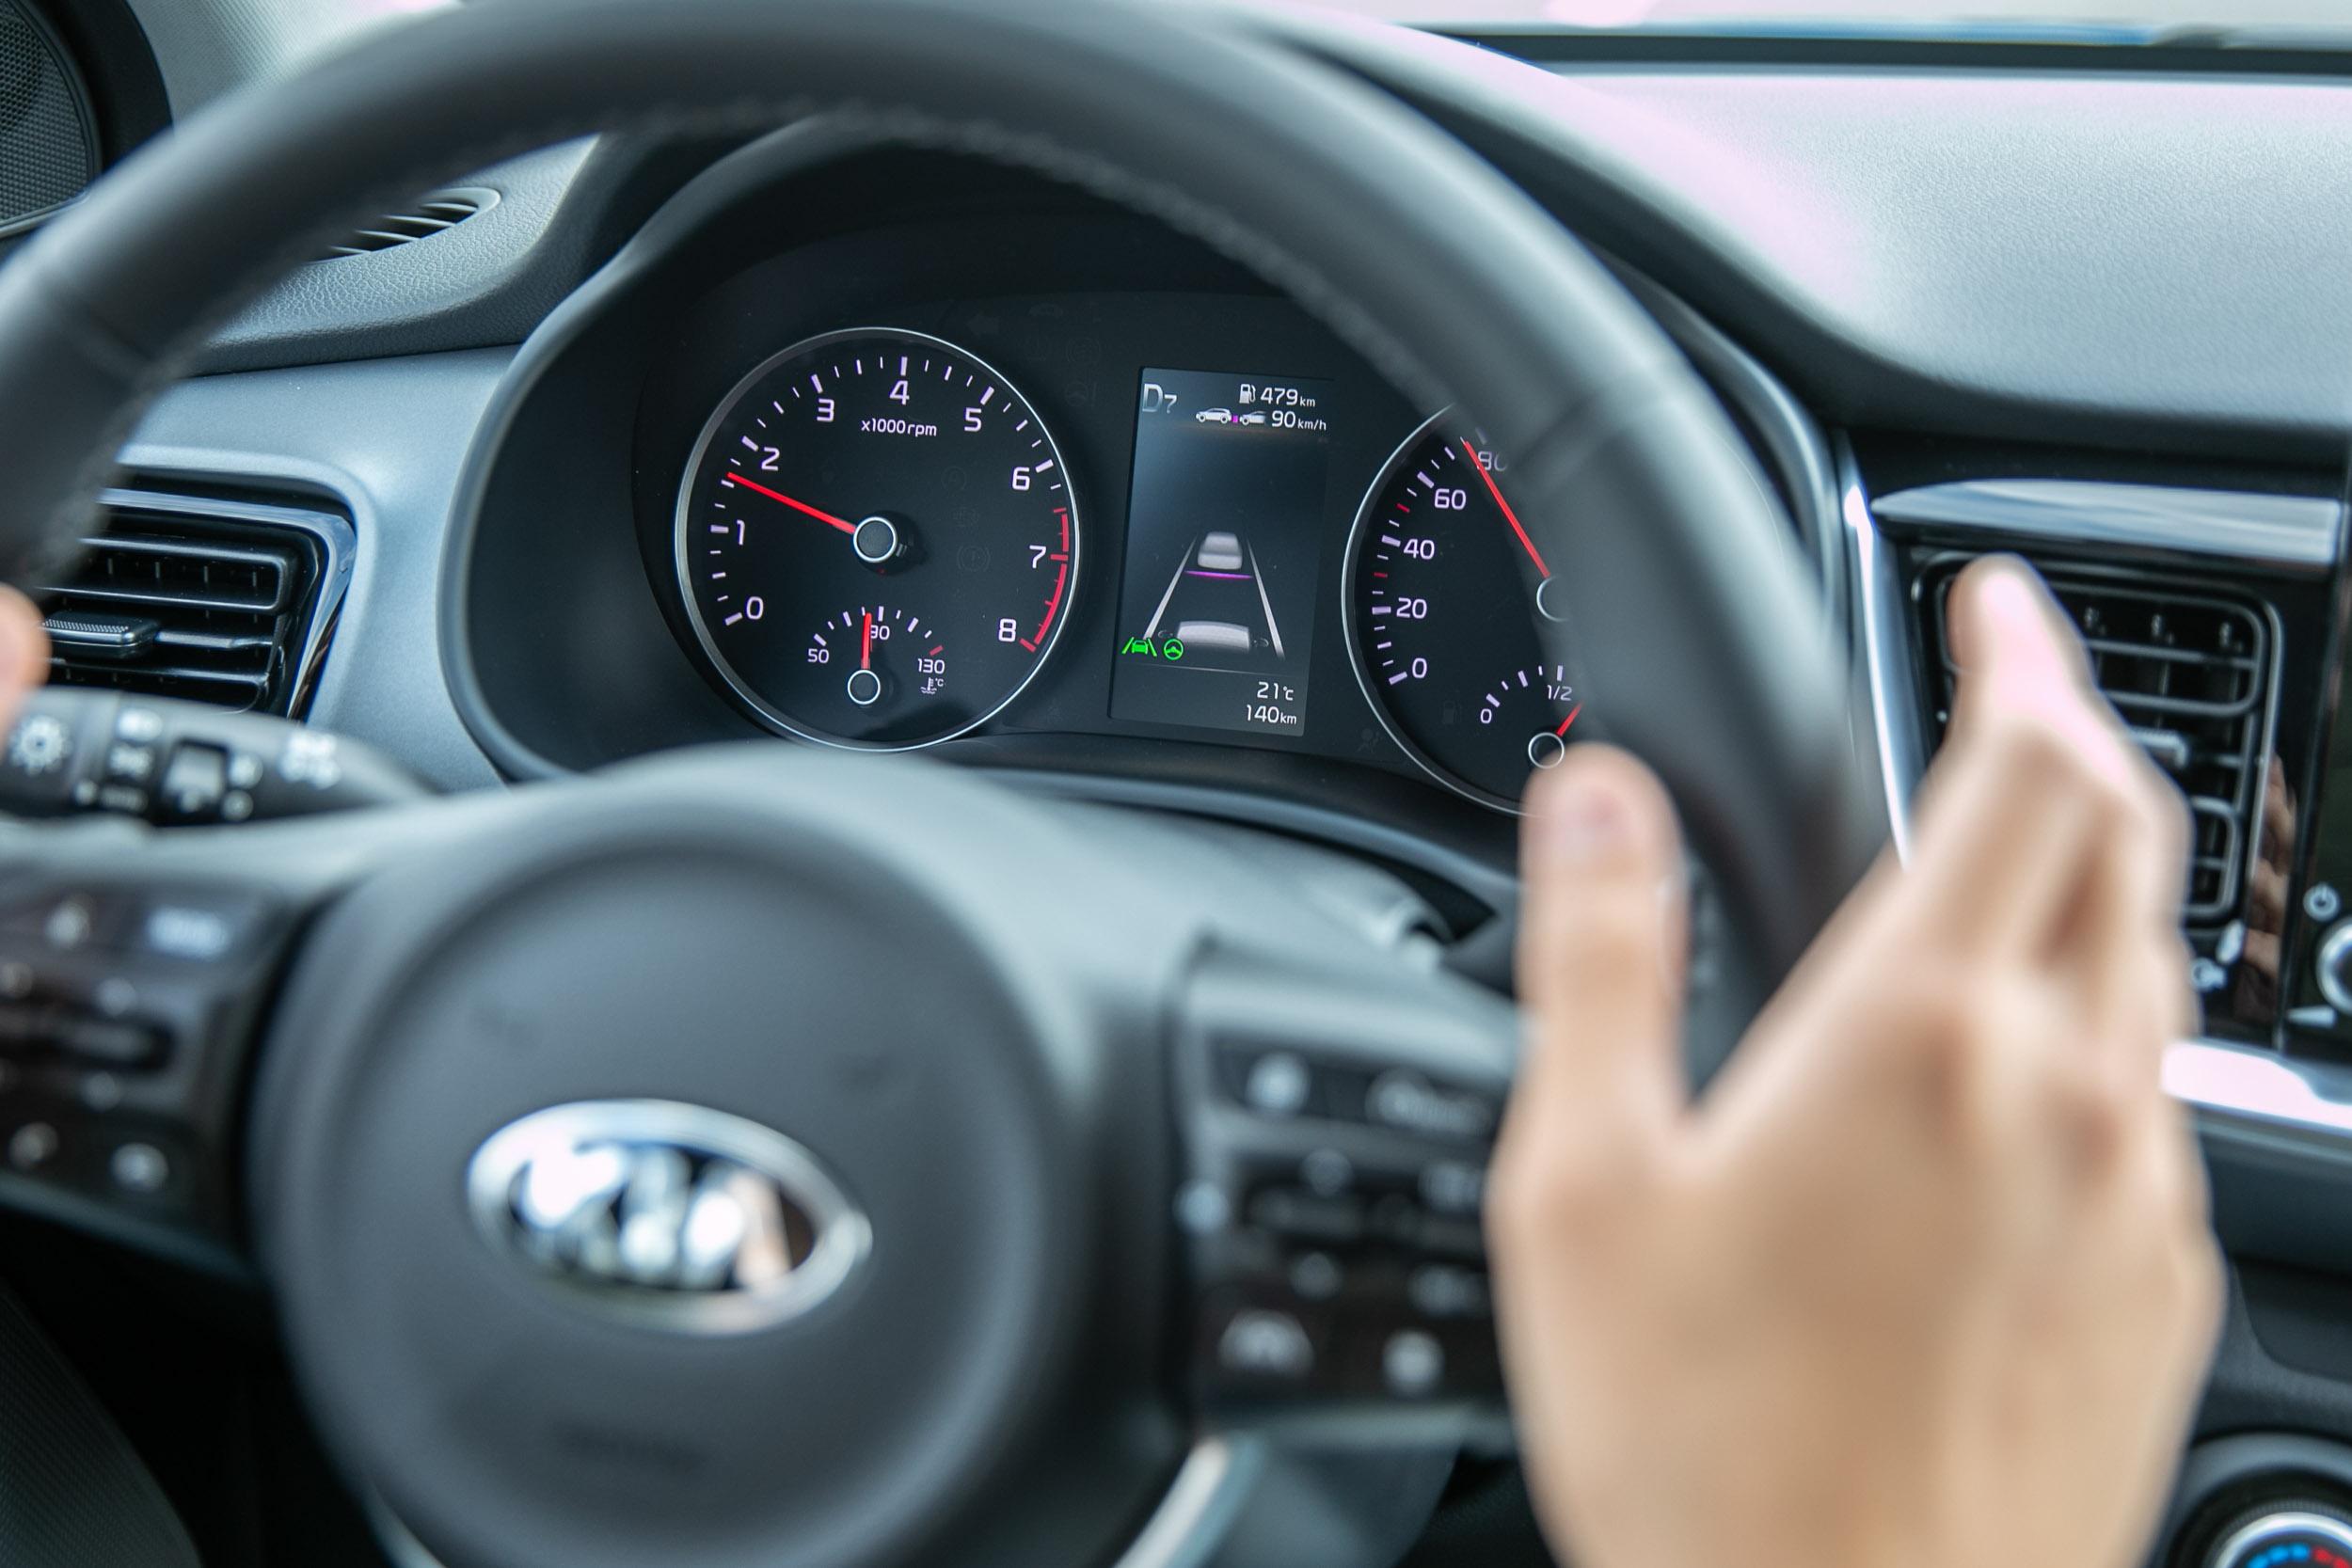 標配可在10~180km/h速度區間作動的 SCC智慧巡航系統(也就是常見的ACC)、全速域的LKA車道維持輔助、LFA進階行車道維持輔助(0~200km/h)等安全輔助科技。